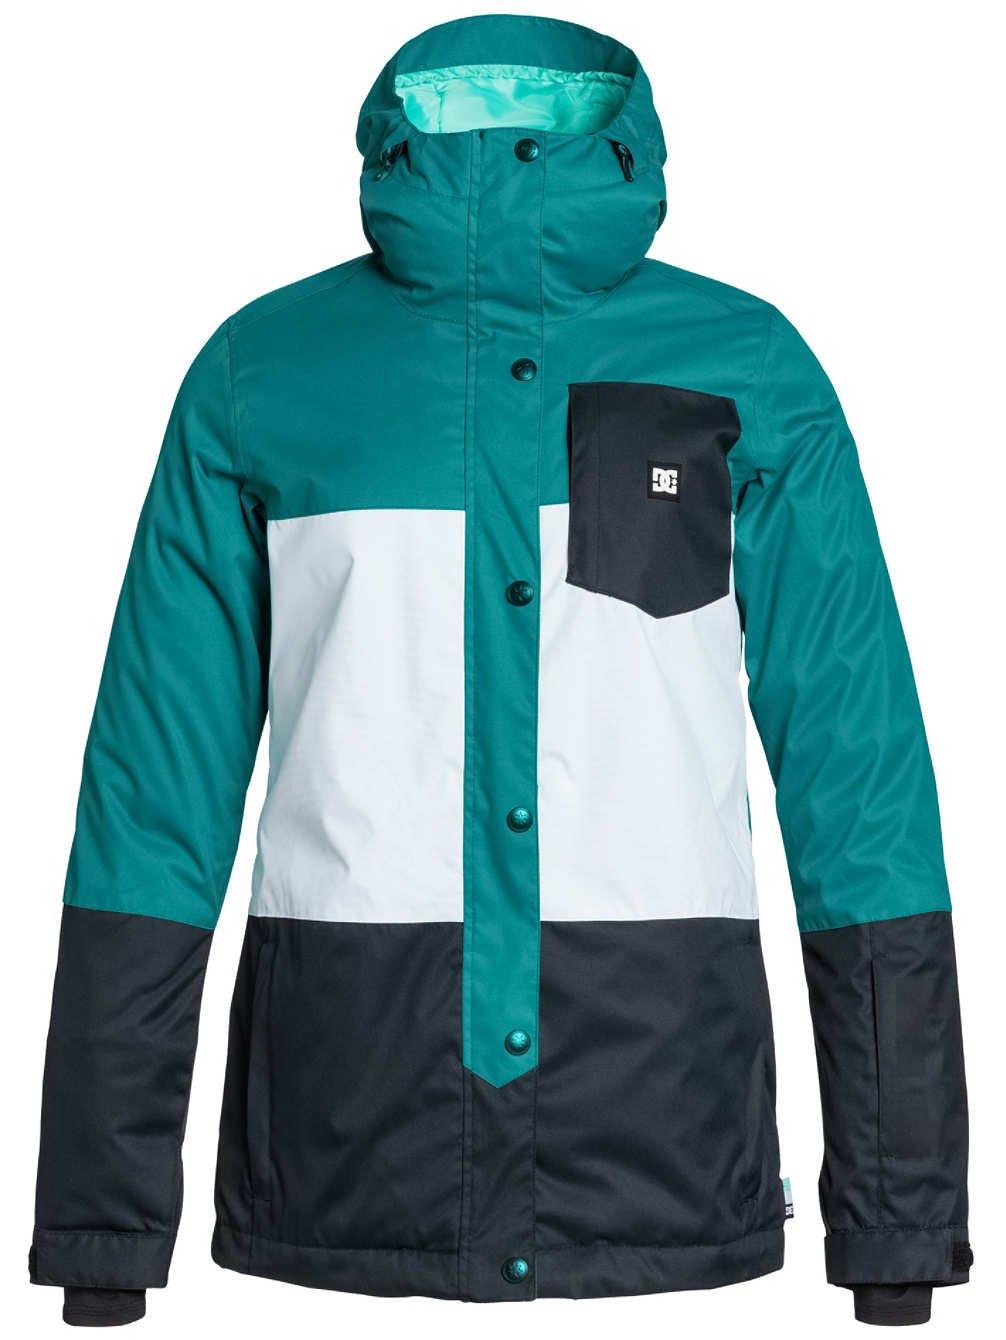 Damen Snowboard Jacke DC Defy Jacket günstig kaufen